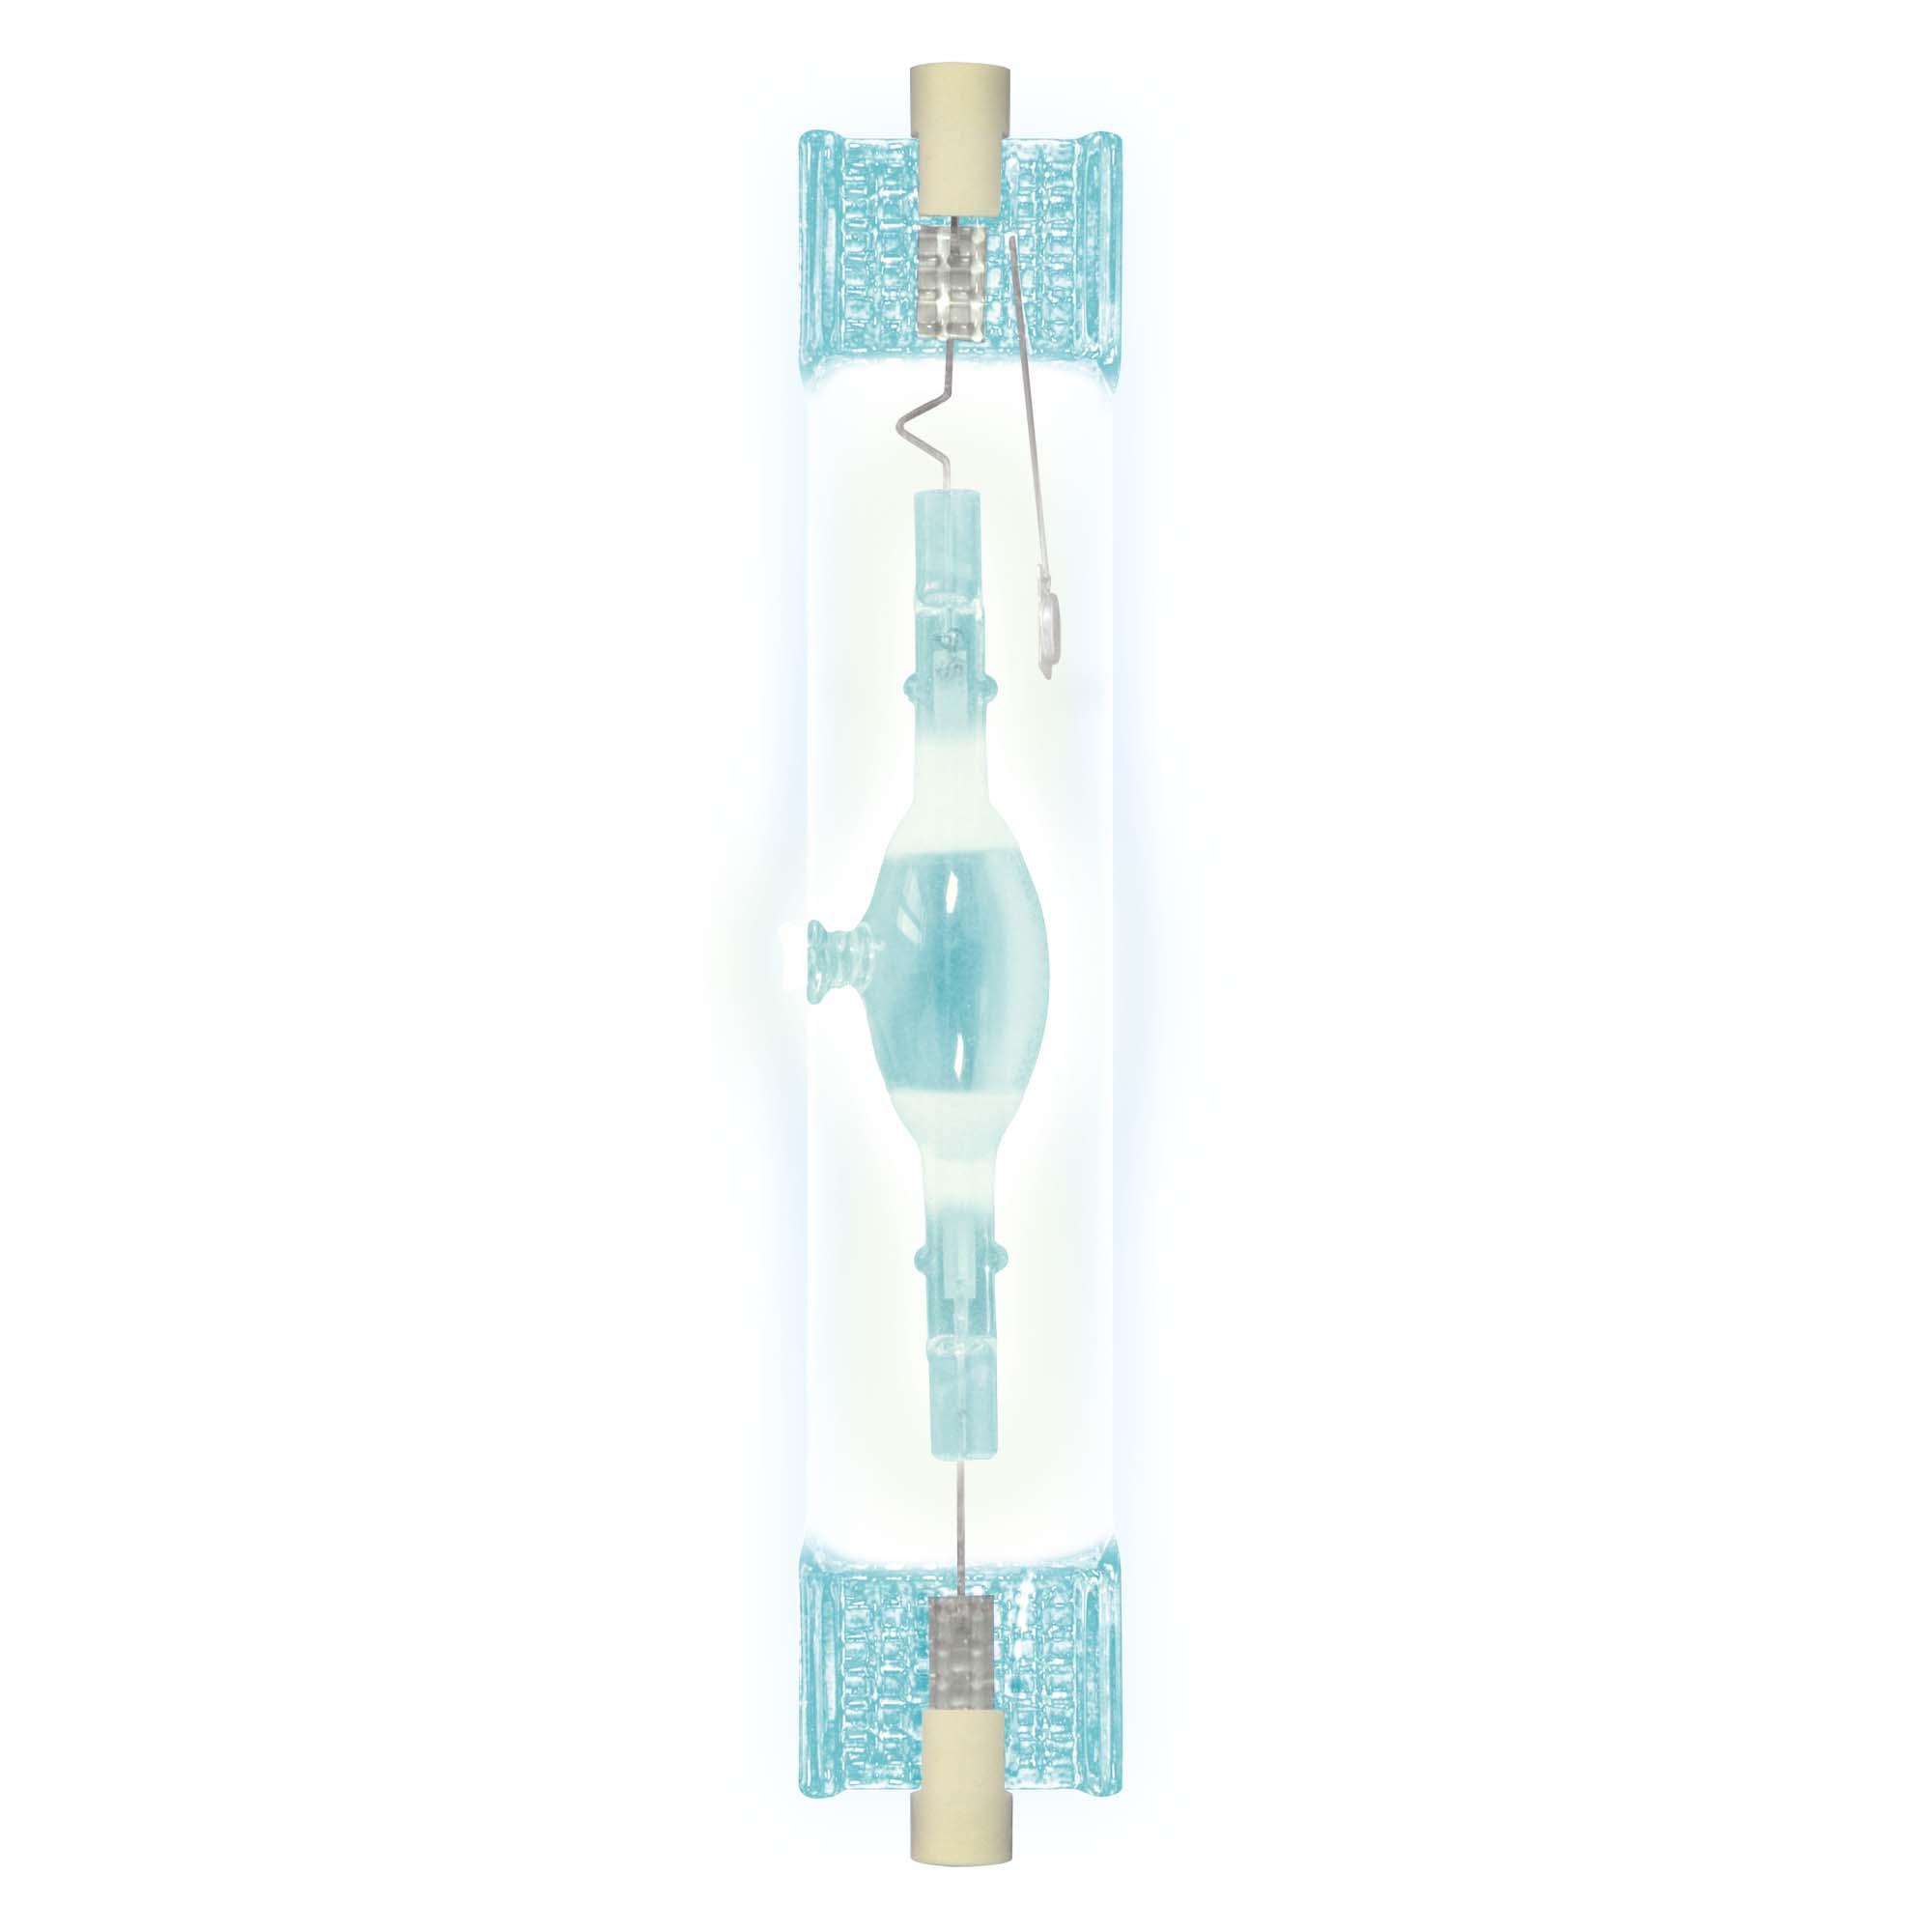 Лампа газоразрядная Uniel Mh-de-150/blue/r7s 24шт